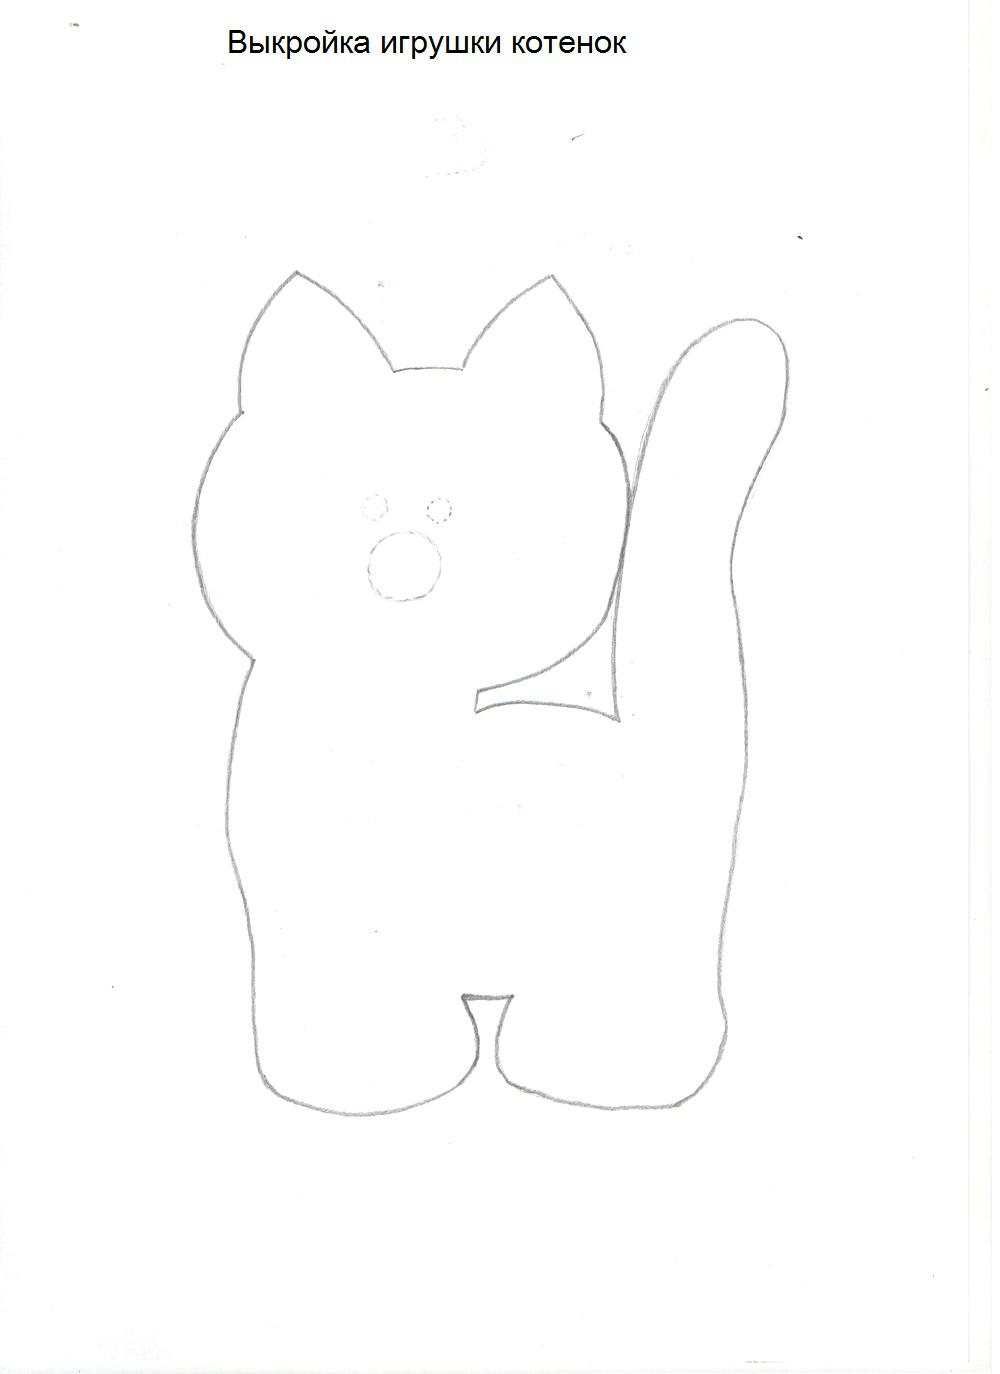 Простая выкройка для игрушки кот